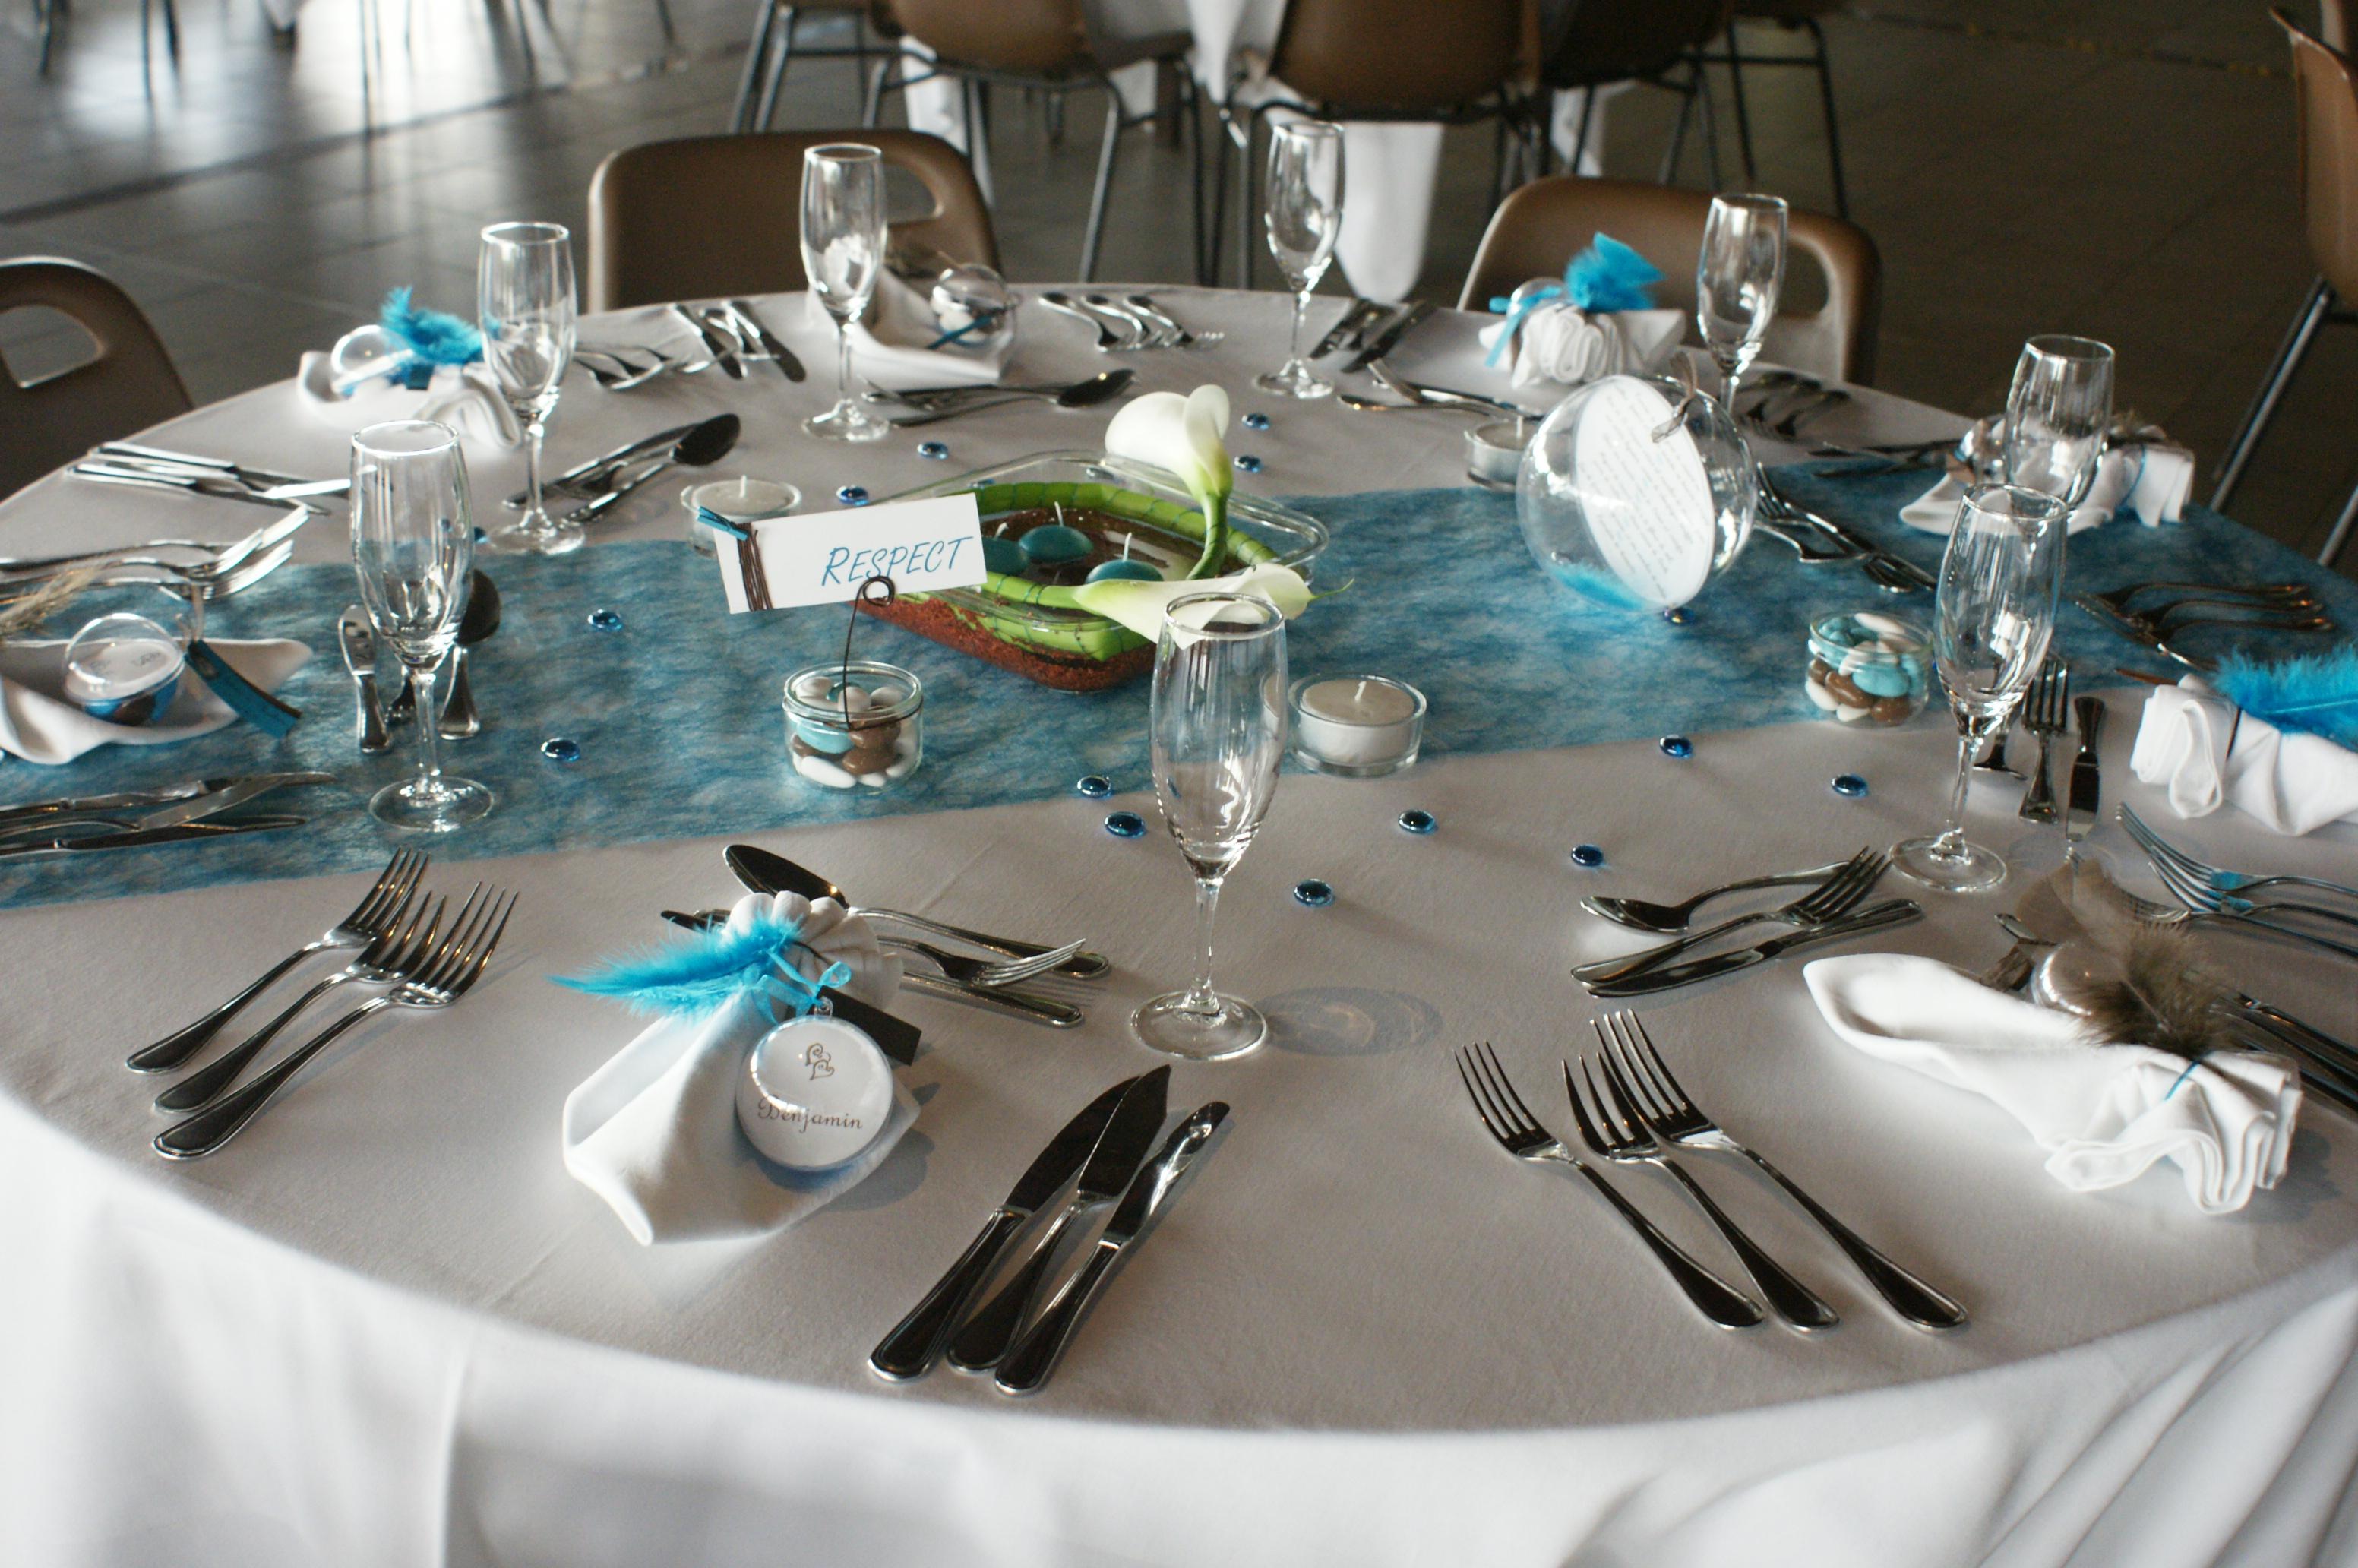 Déco Turquoise Et Chocolat Pour Mariage : Deco mariage chocolat turquoise idées et d inspiration